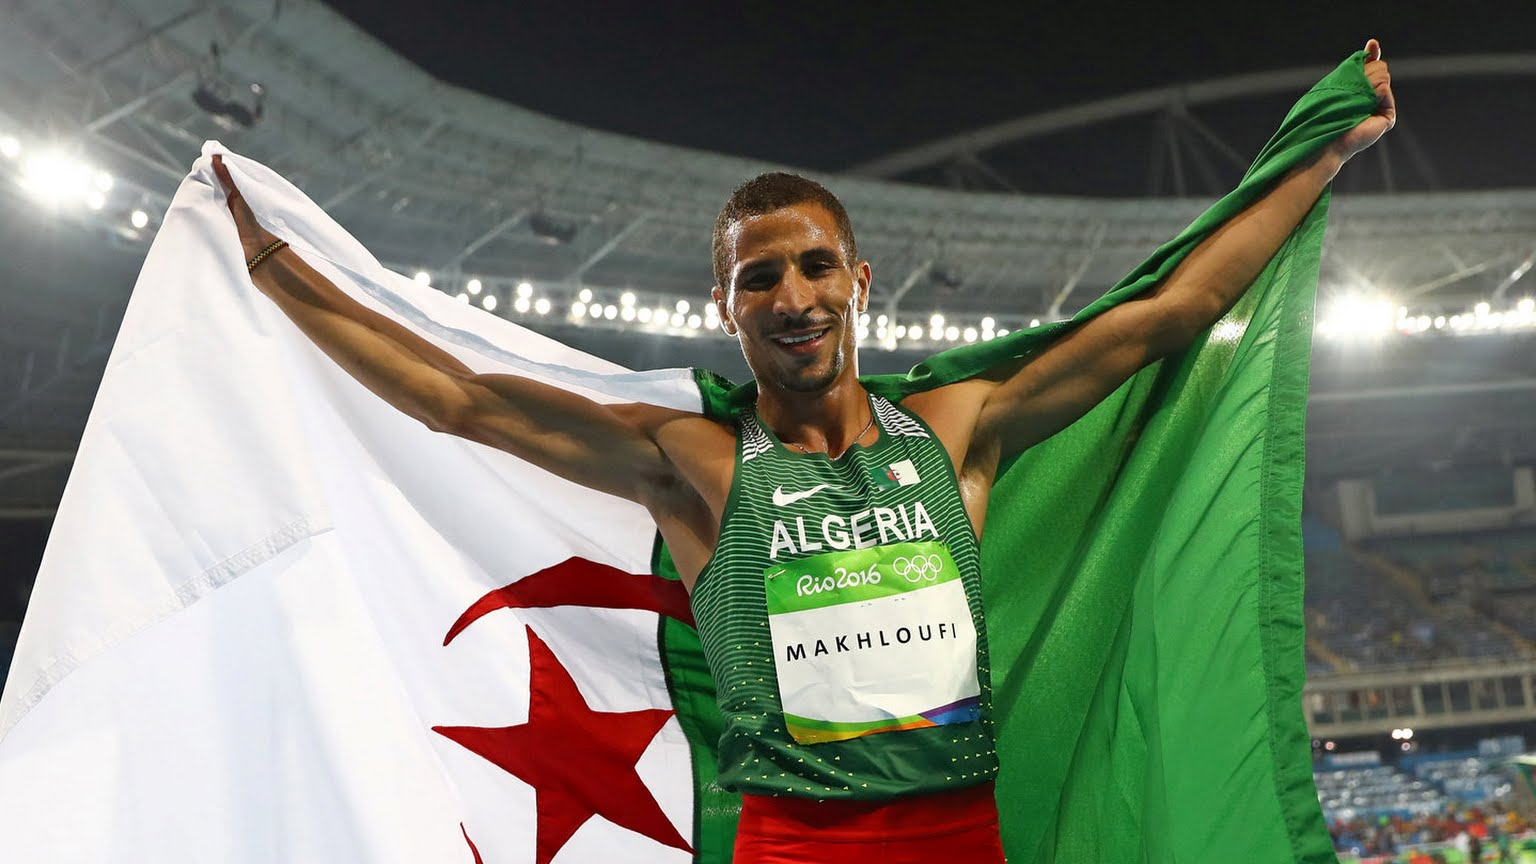 makhloufi argent JO 2016 Rio